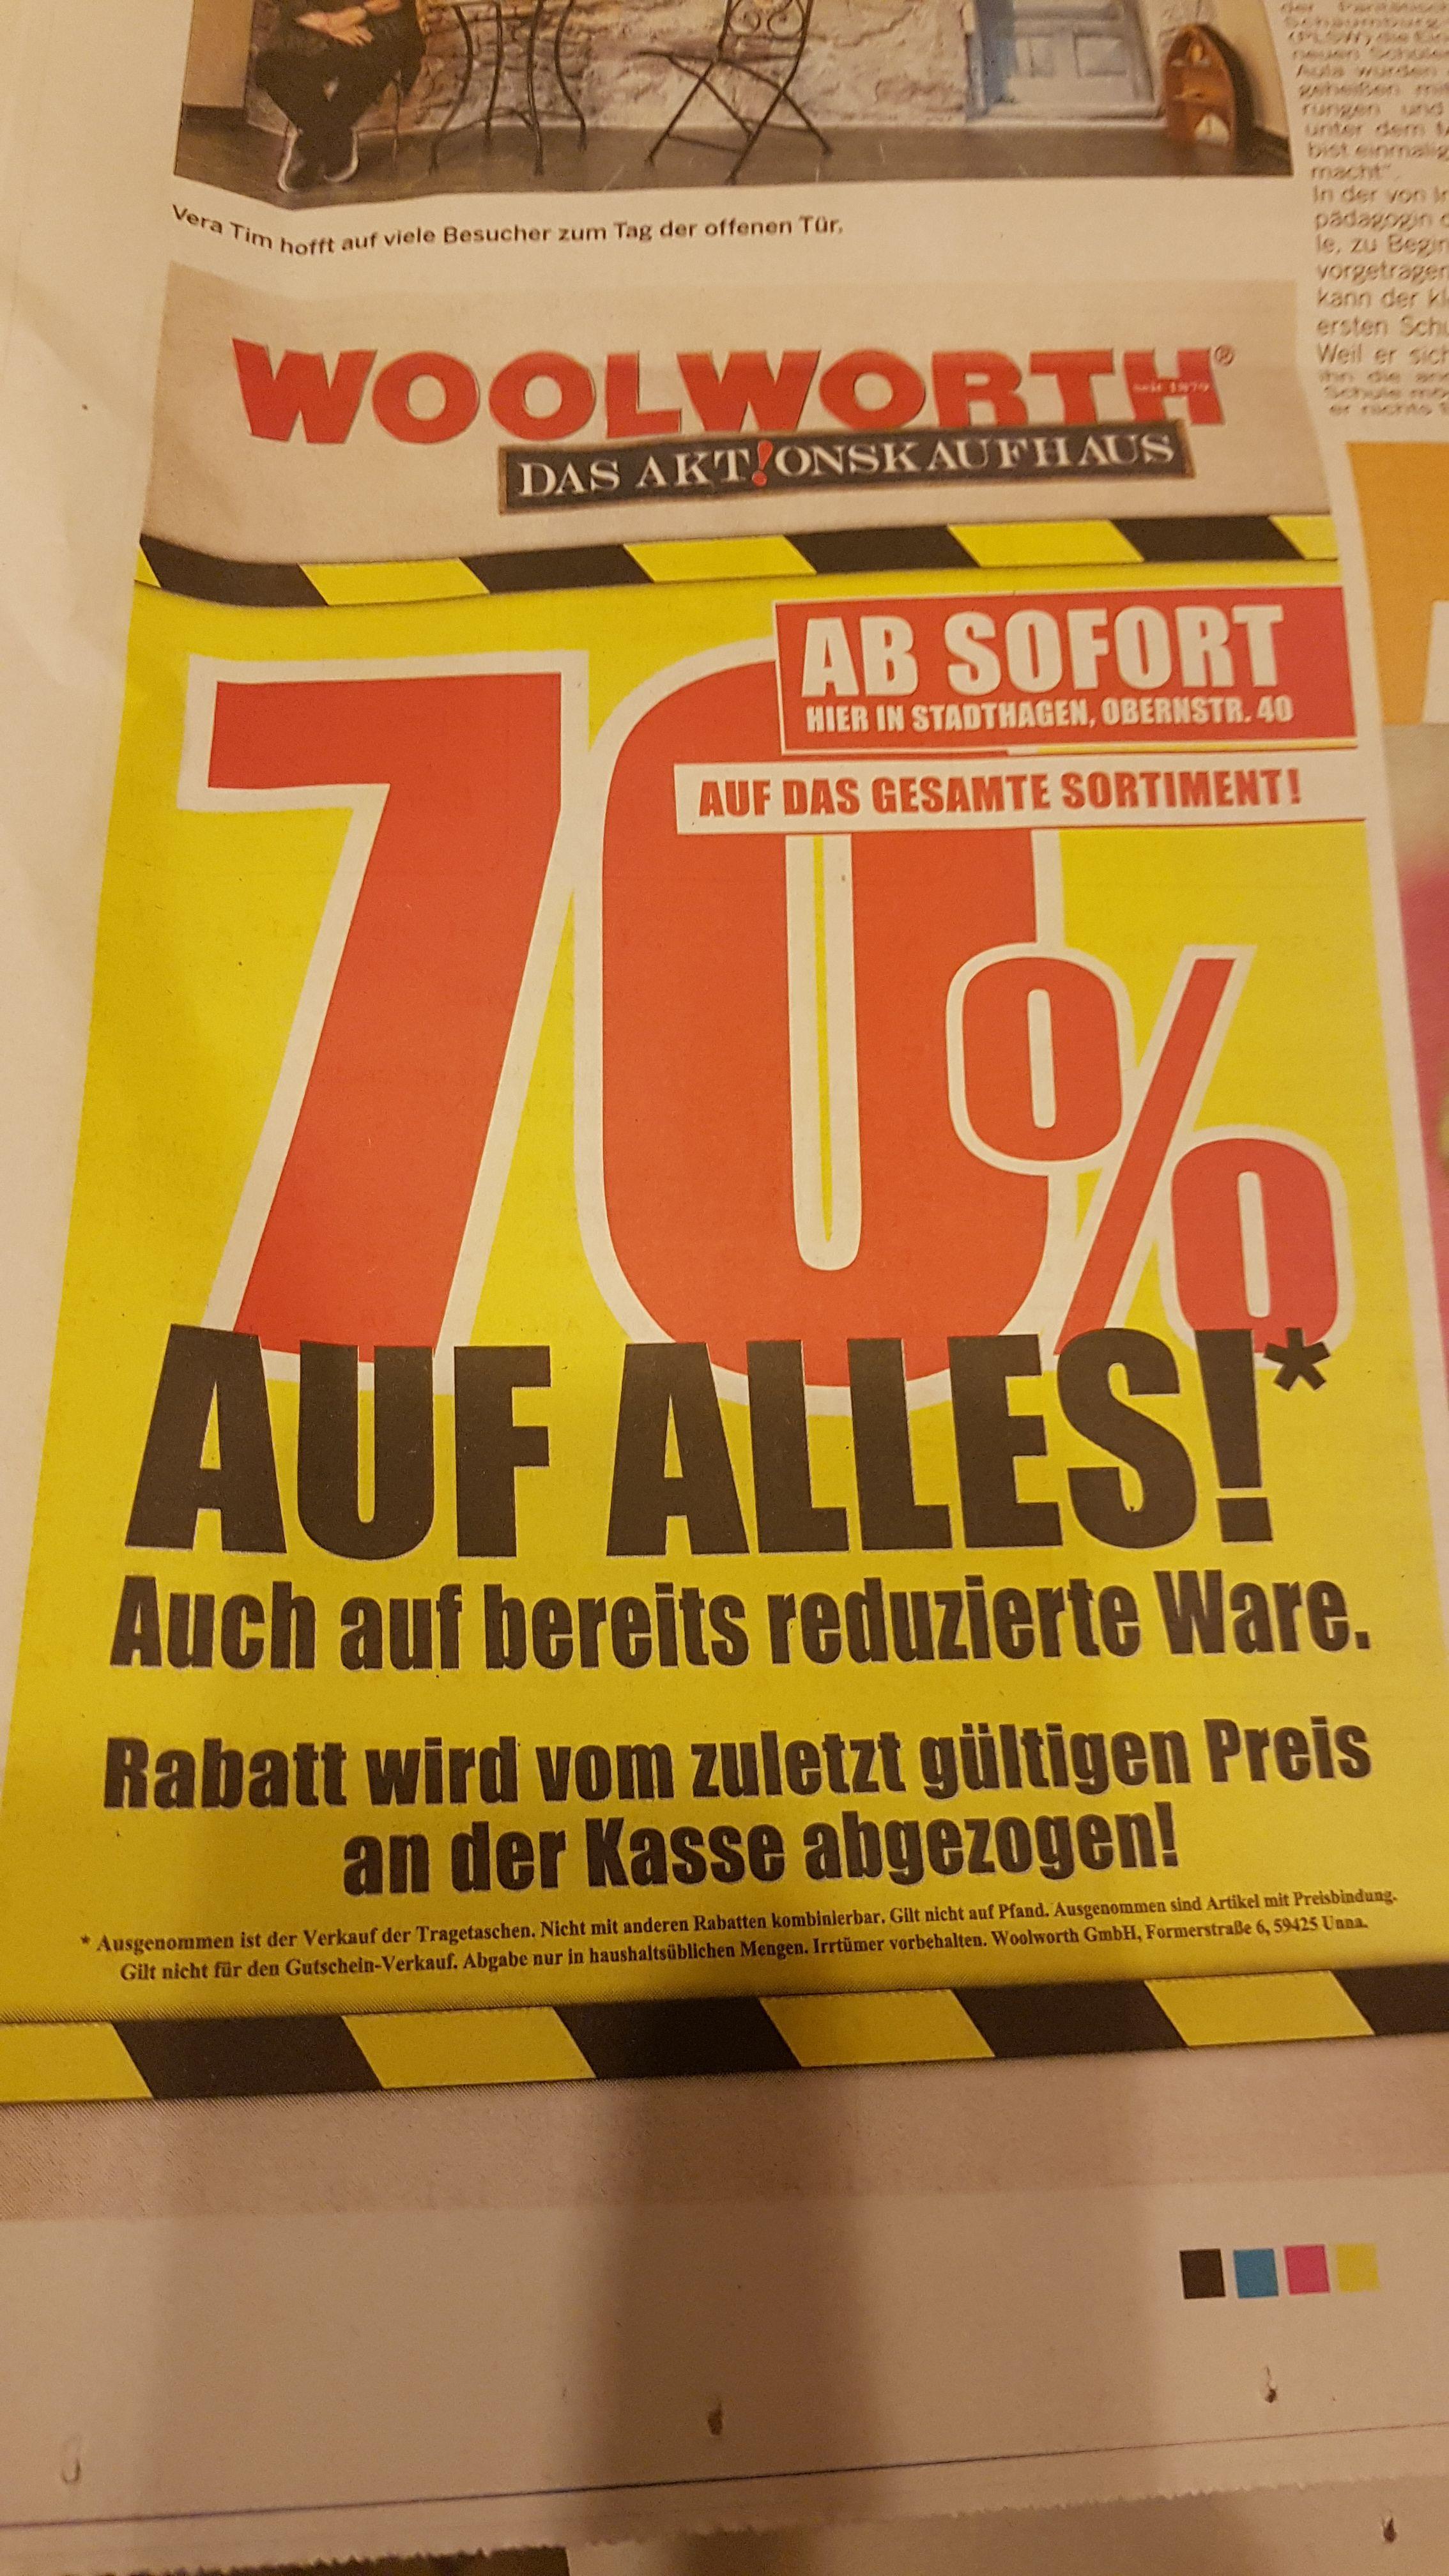 [Lokal Woolworth Stadthagen] 70% auf ALLES. Auch auf Reduzierte Ware